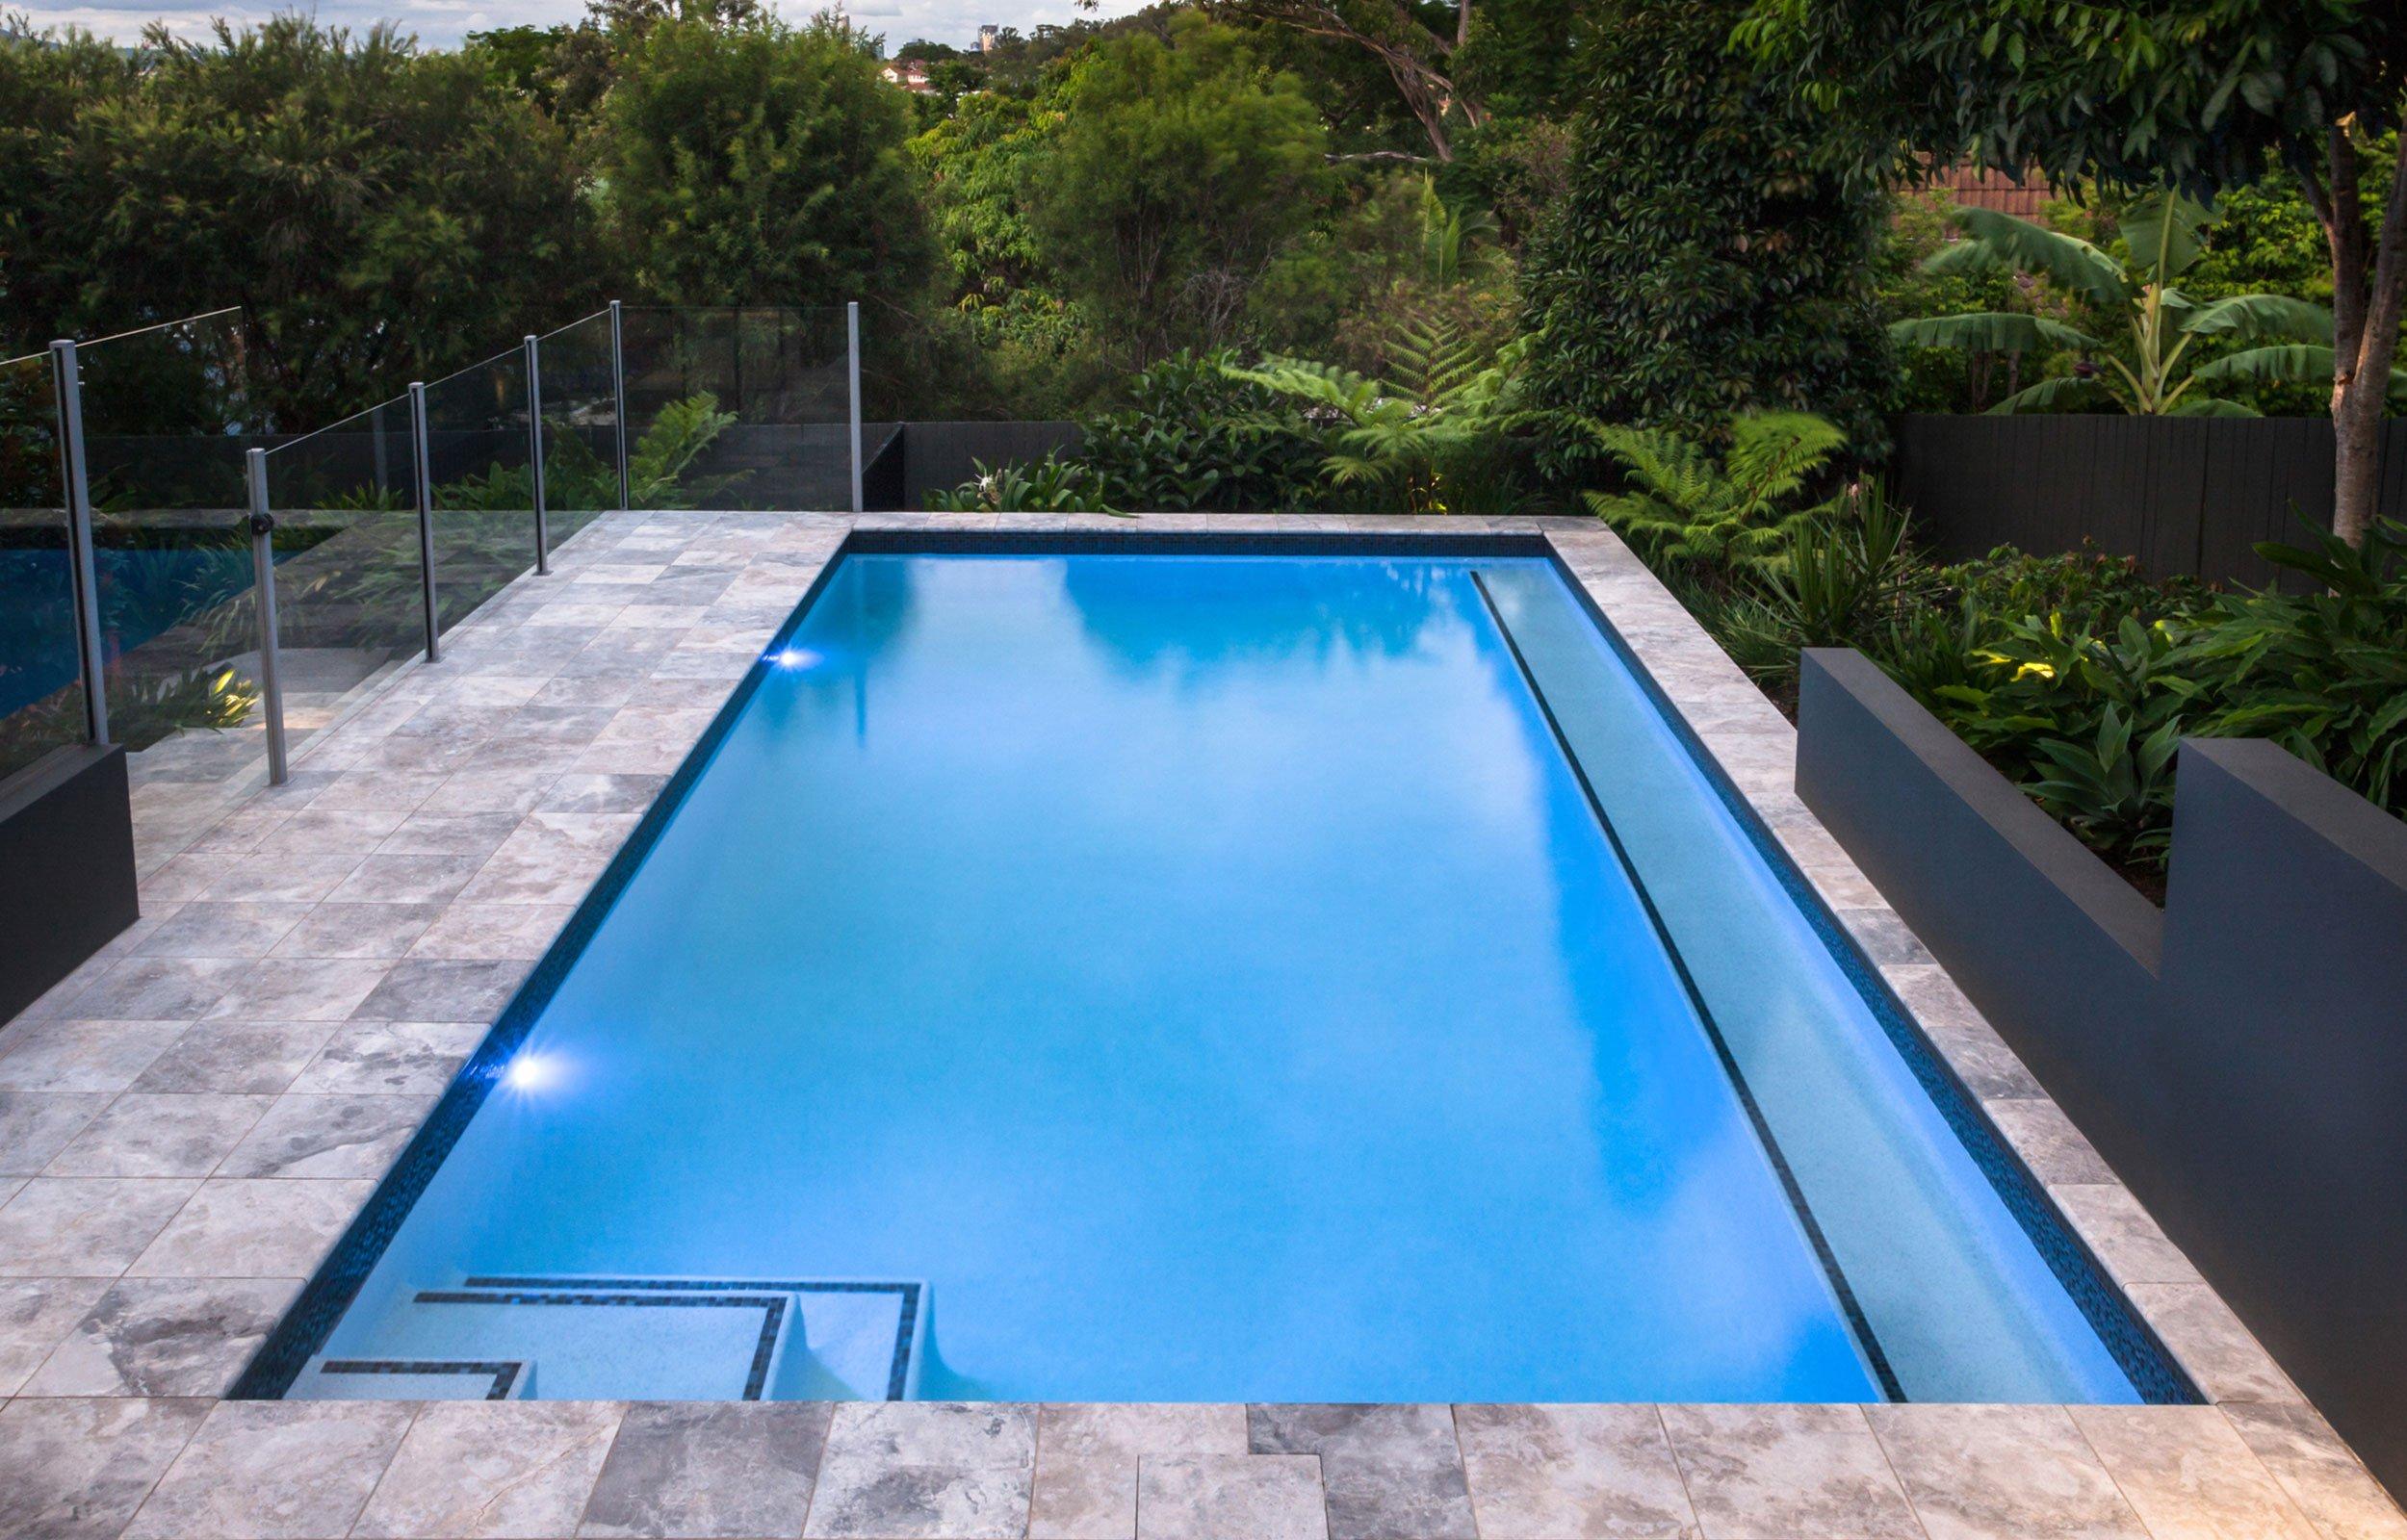 piscina all'aperto con del verde attorno